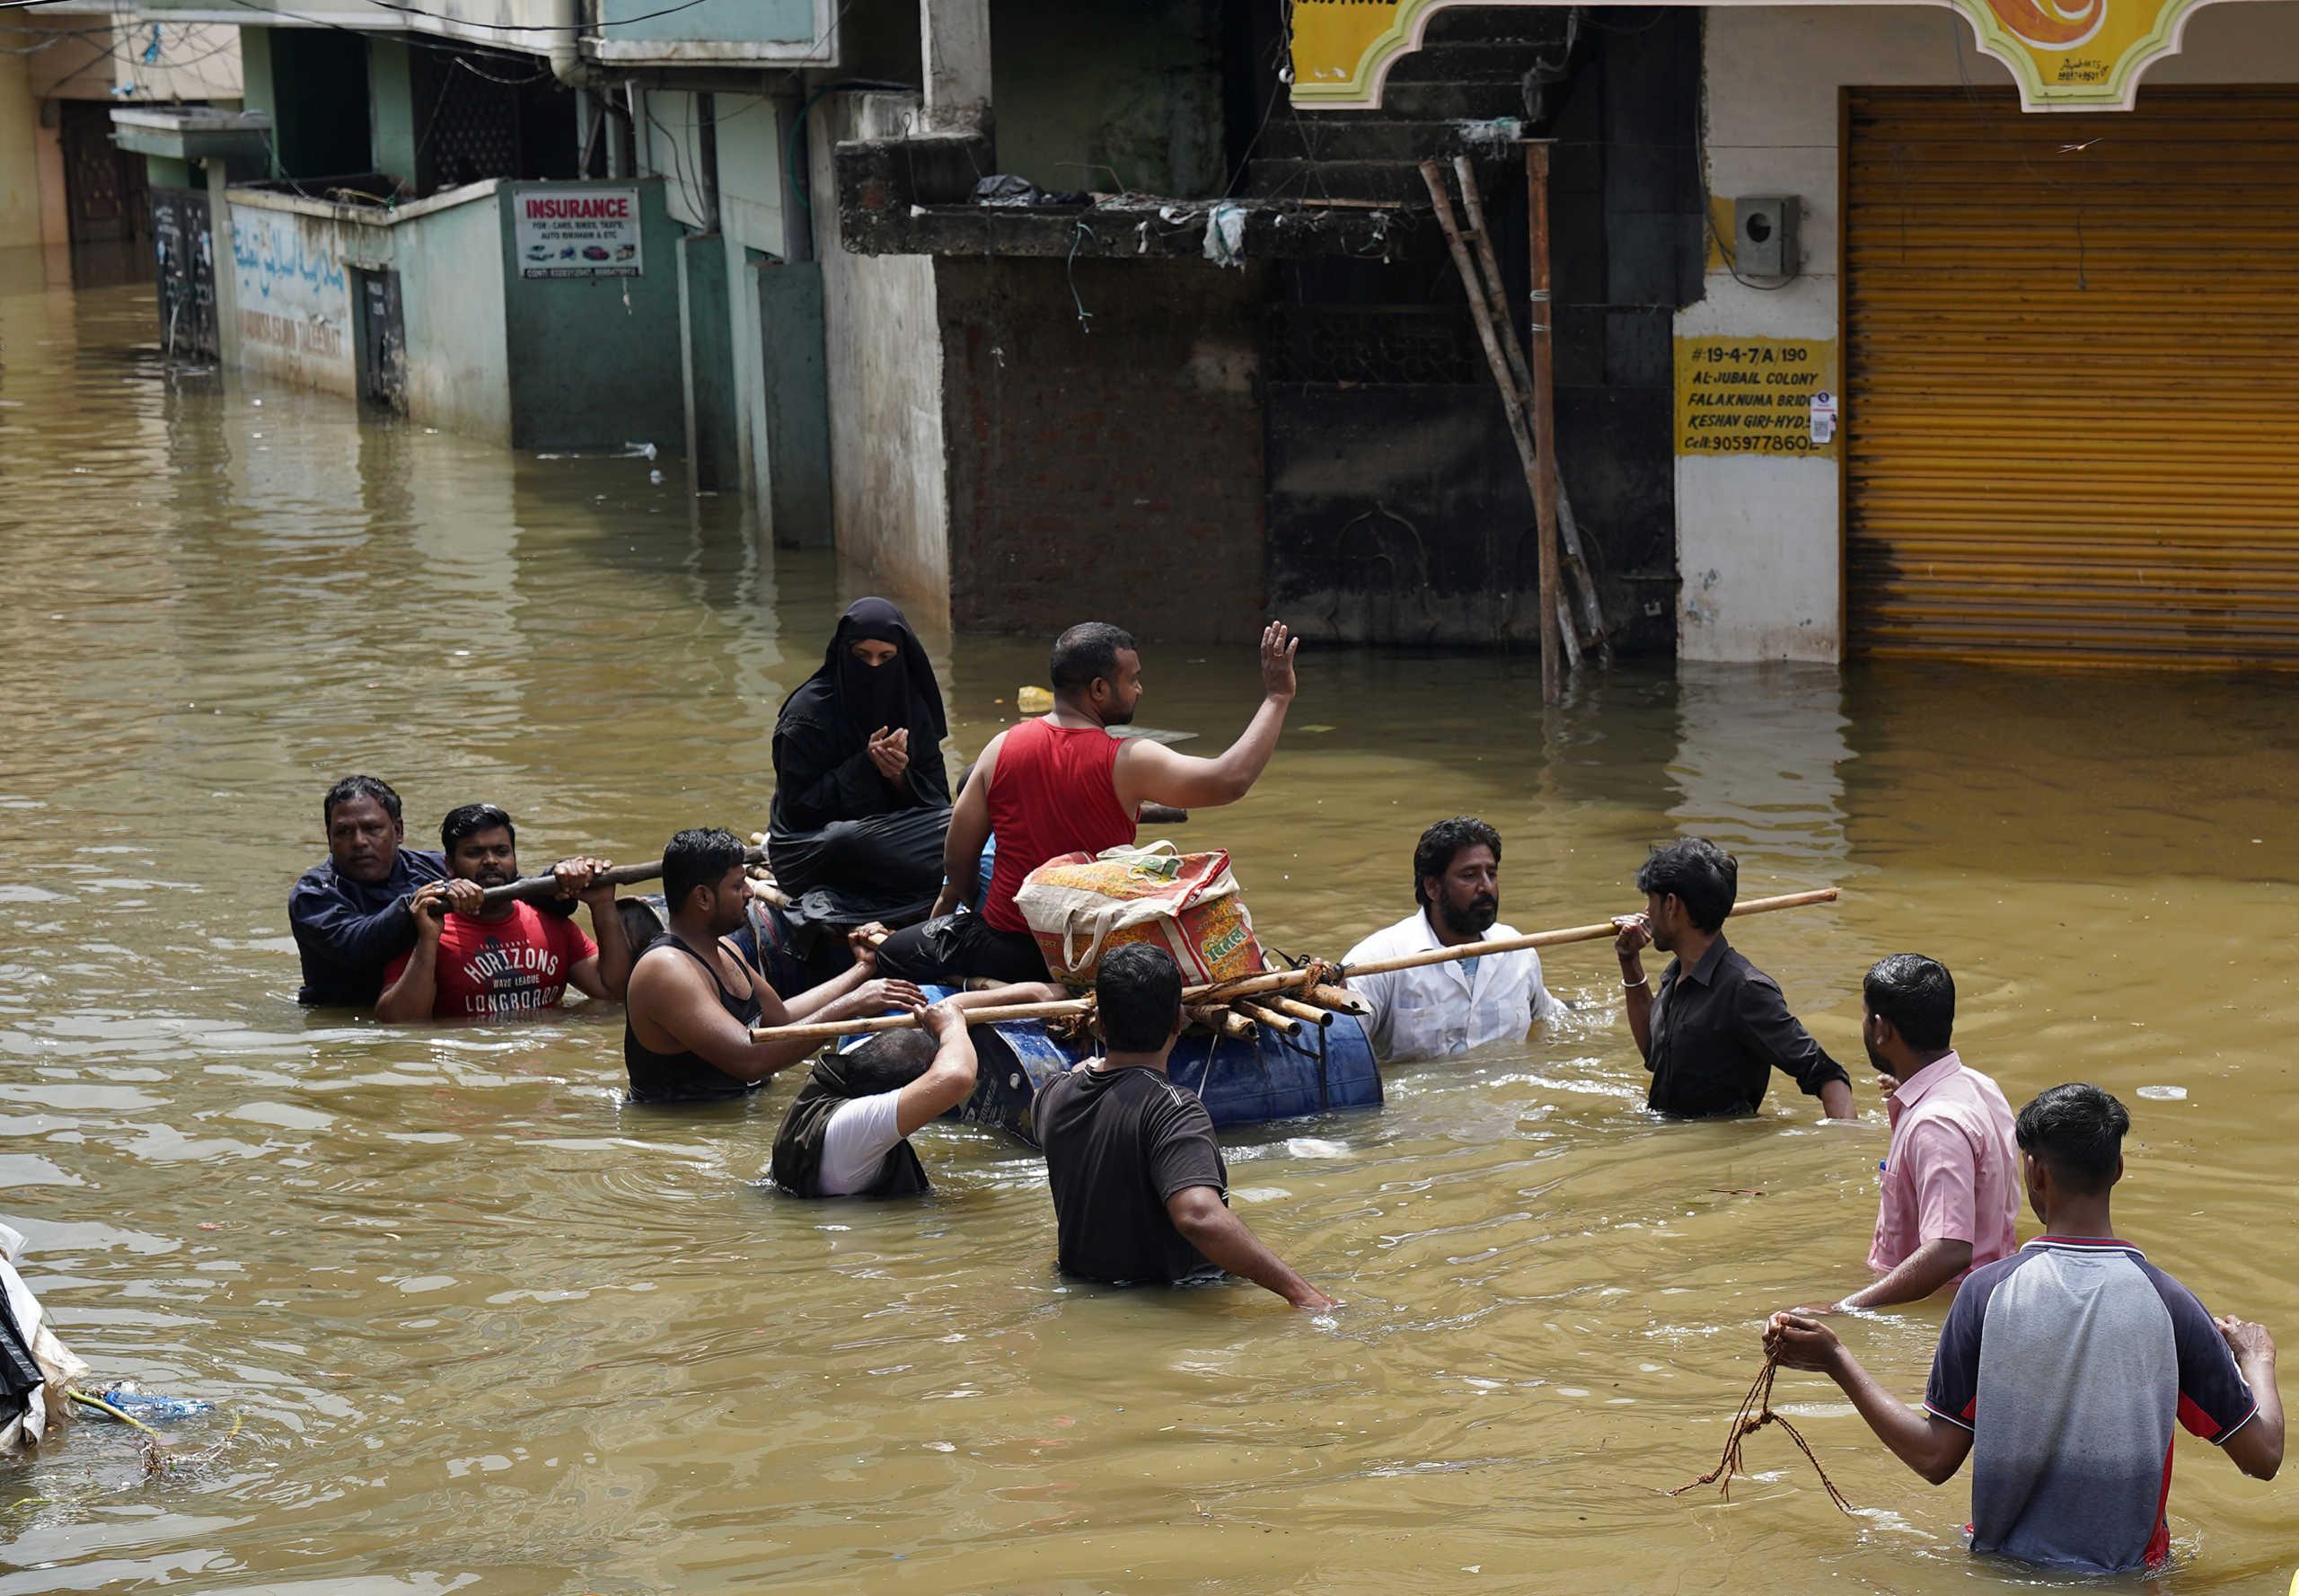 ΟΗΕ: Οι φυσικές καταστροφές έχουν πενταπλασιαστεί λόγω κλιματικής αλλαγής